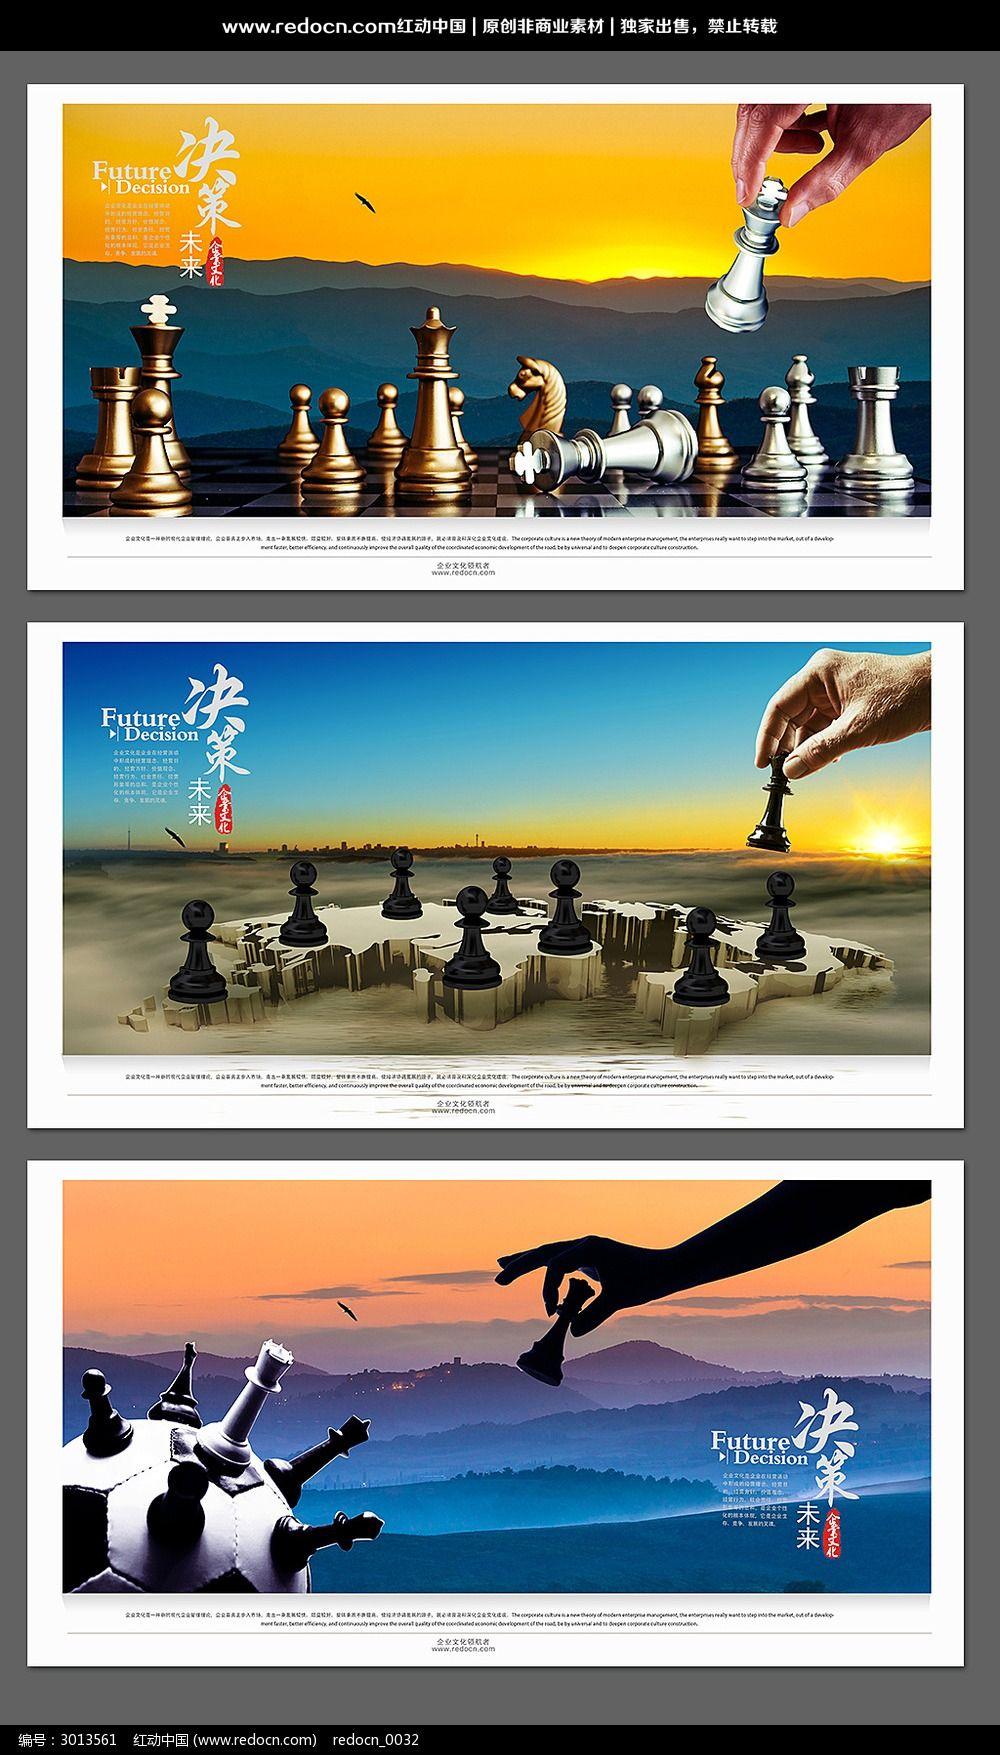 决策企业展板图片